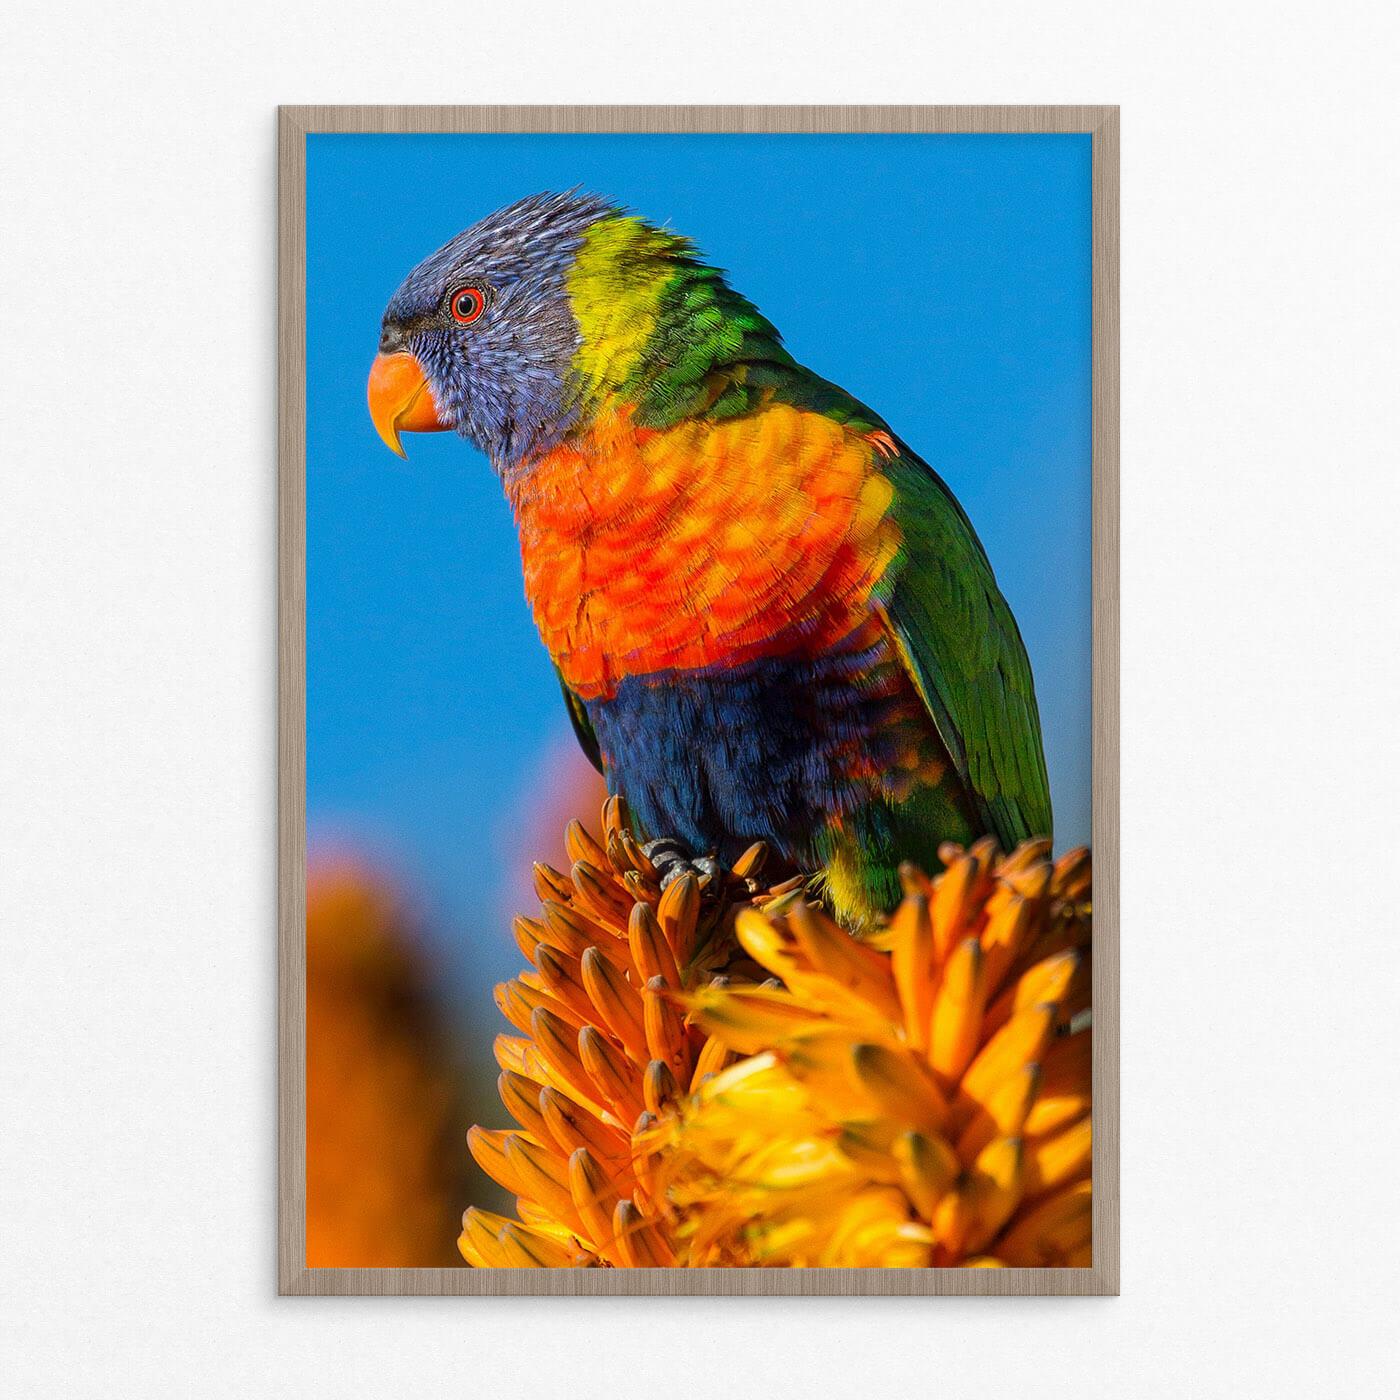 Plakat, dyr, fugl